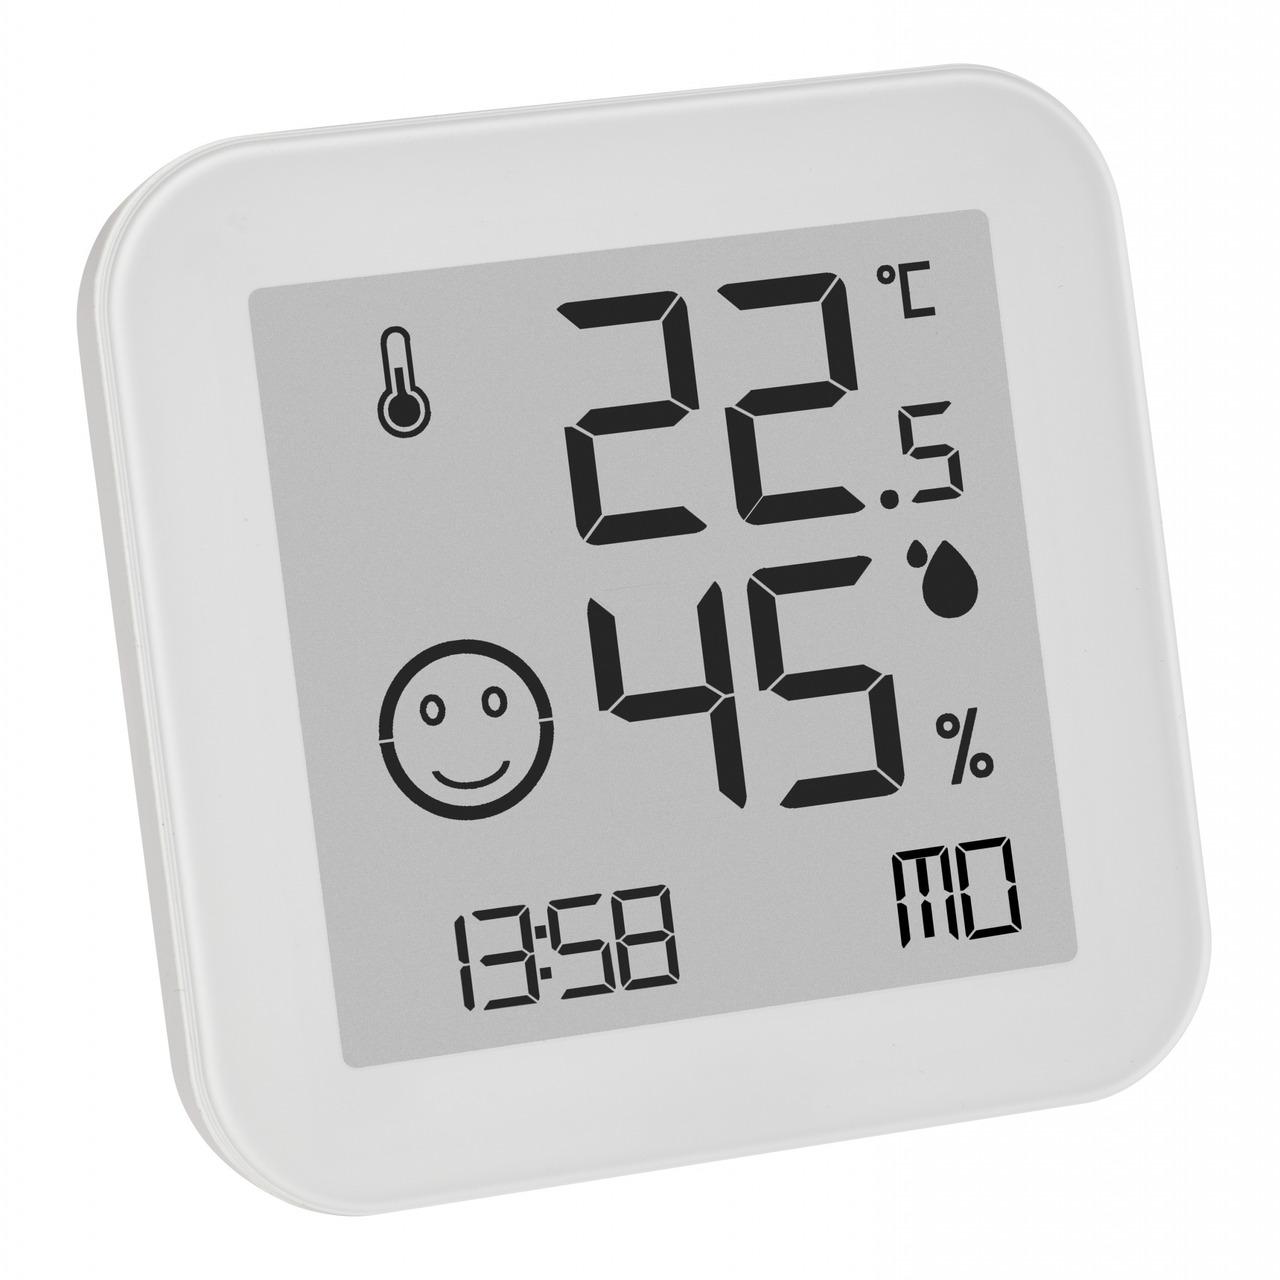 TFA Digitales Thermo-Hygrometer WHITE mit E-Paper-Display- Klimakomfortanzeige- weiss